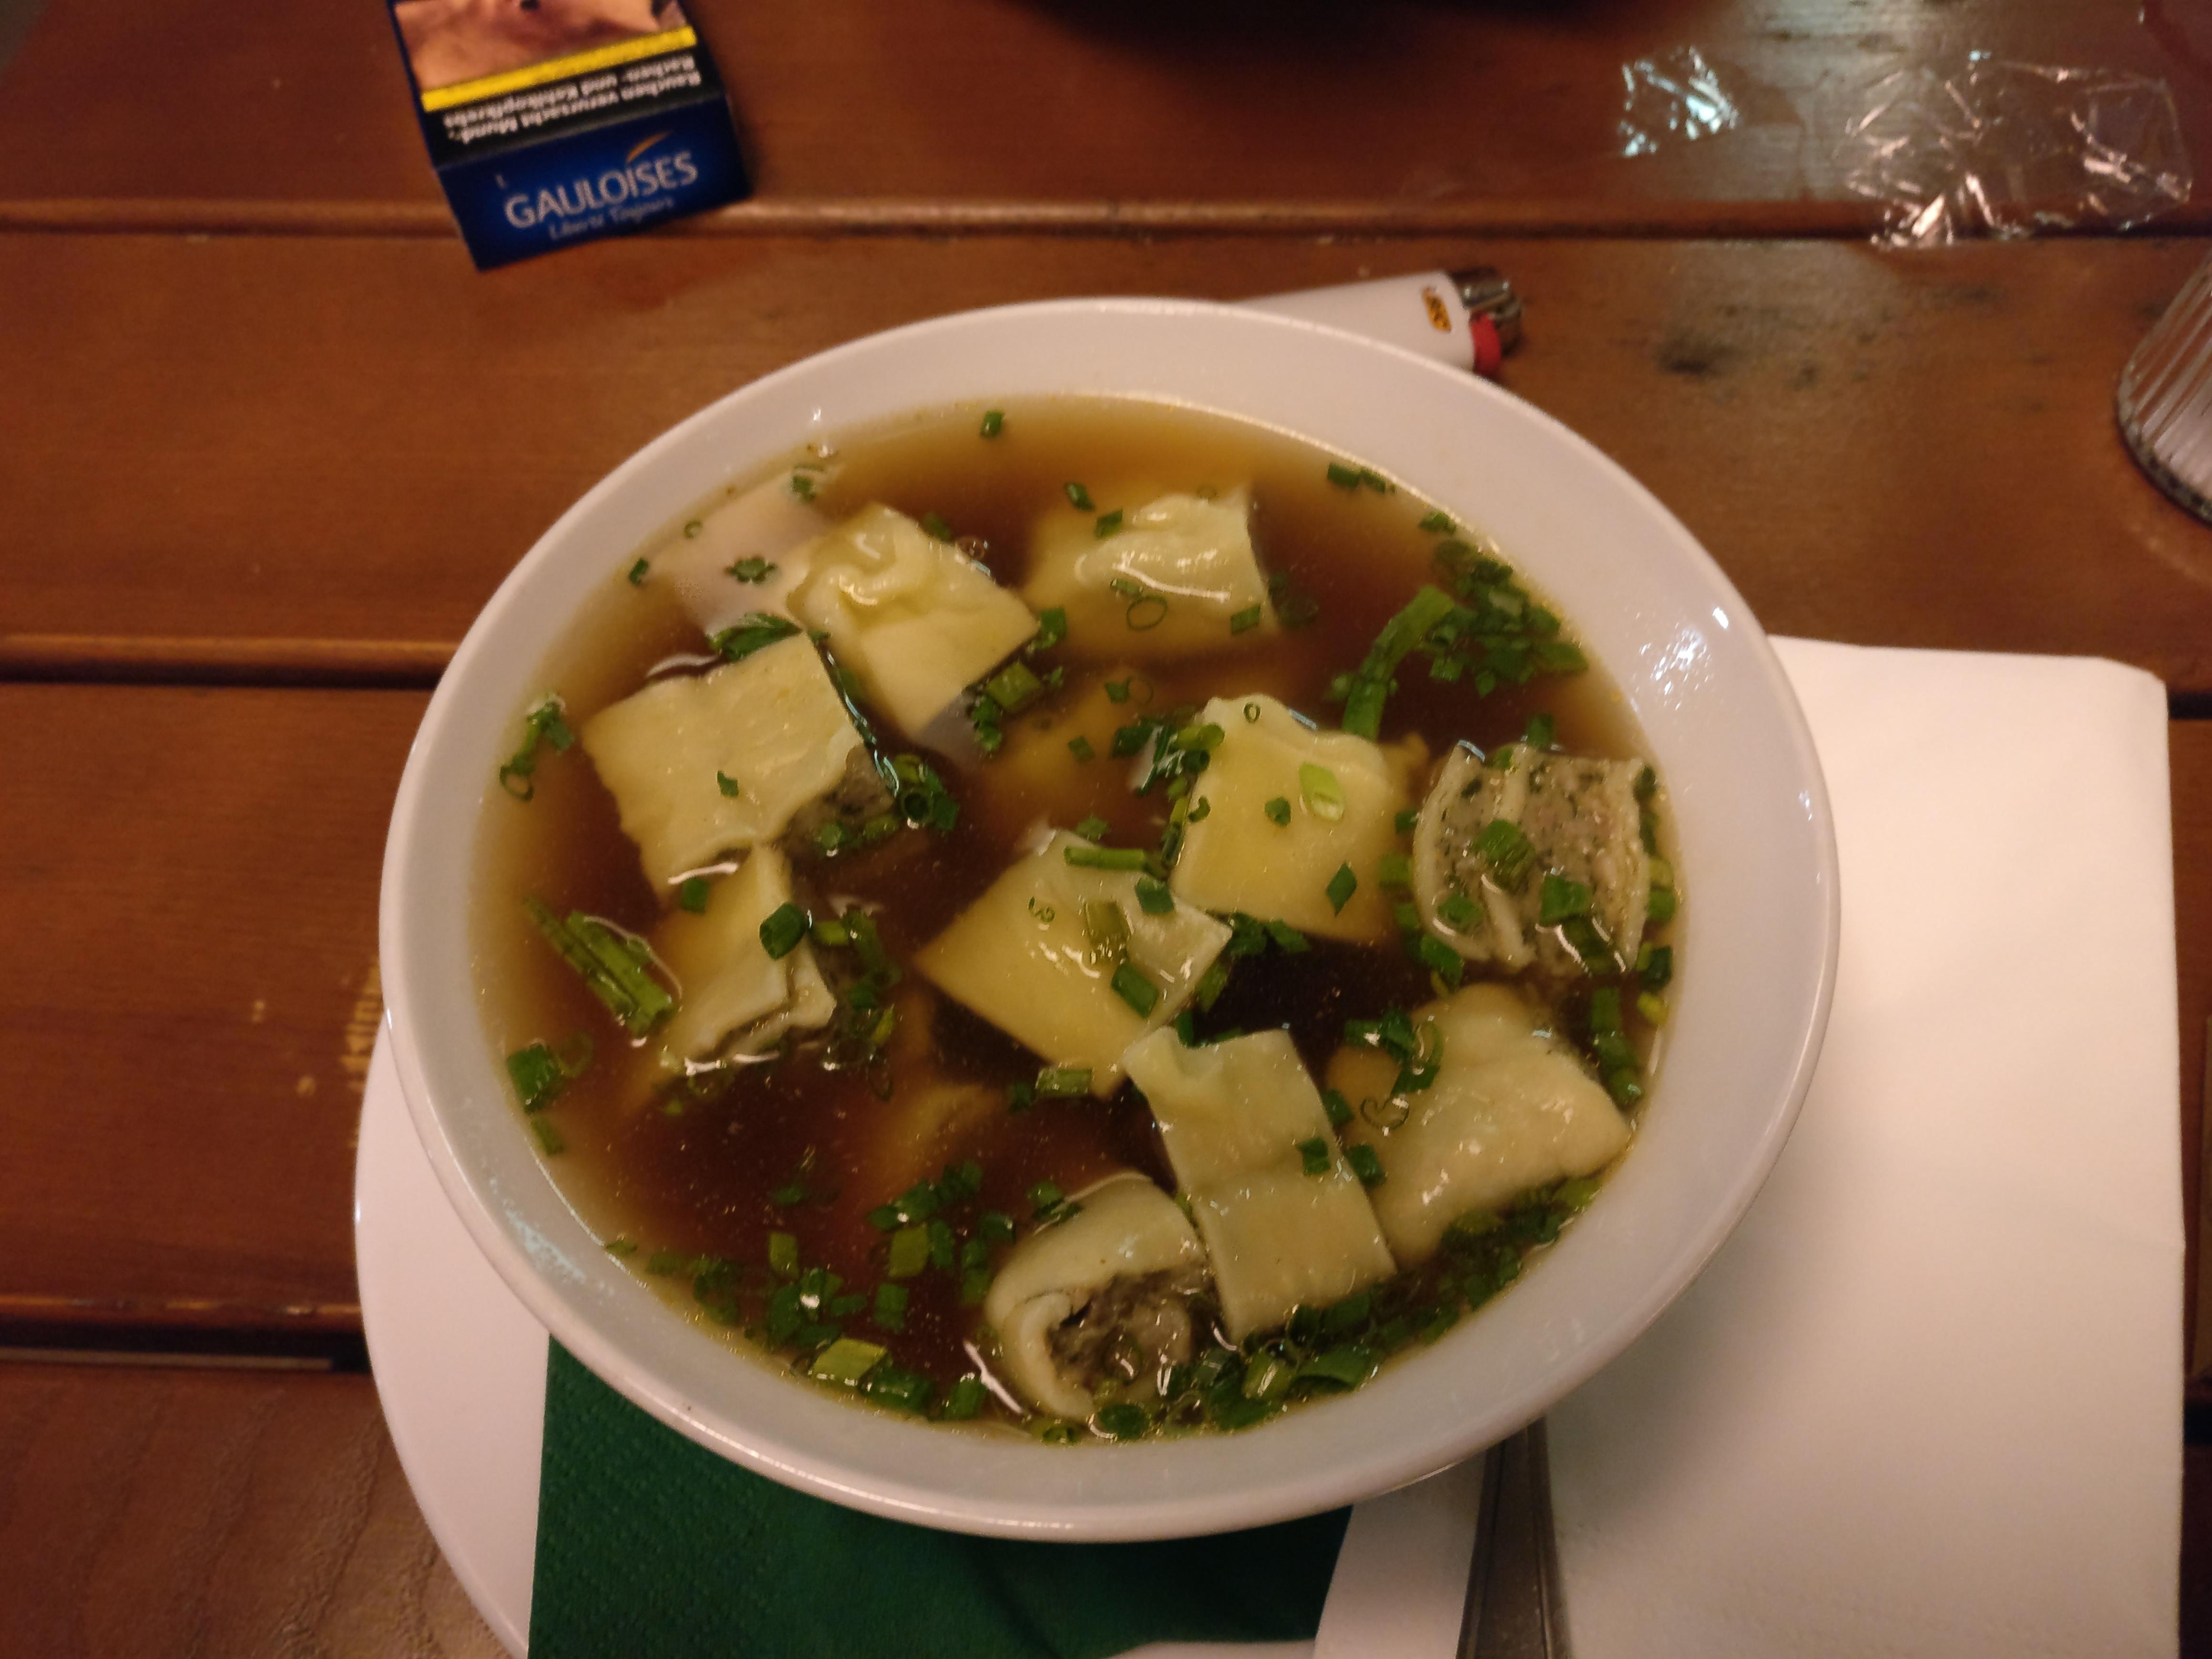 http://foodloader.net/nico_2017-05-09_maultaschen-in-der-bruehe.jpg